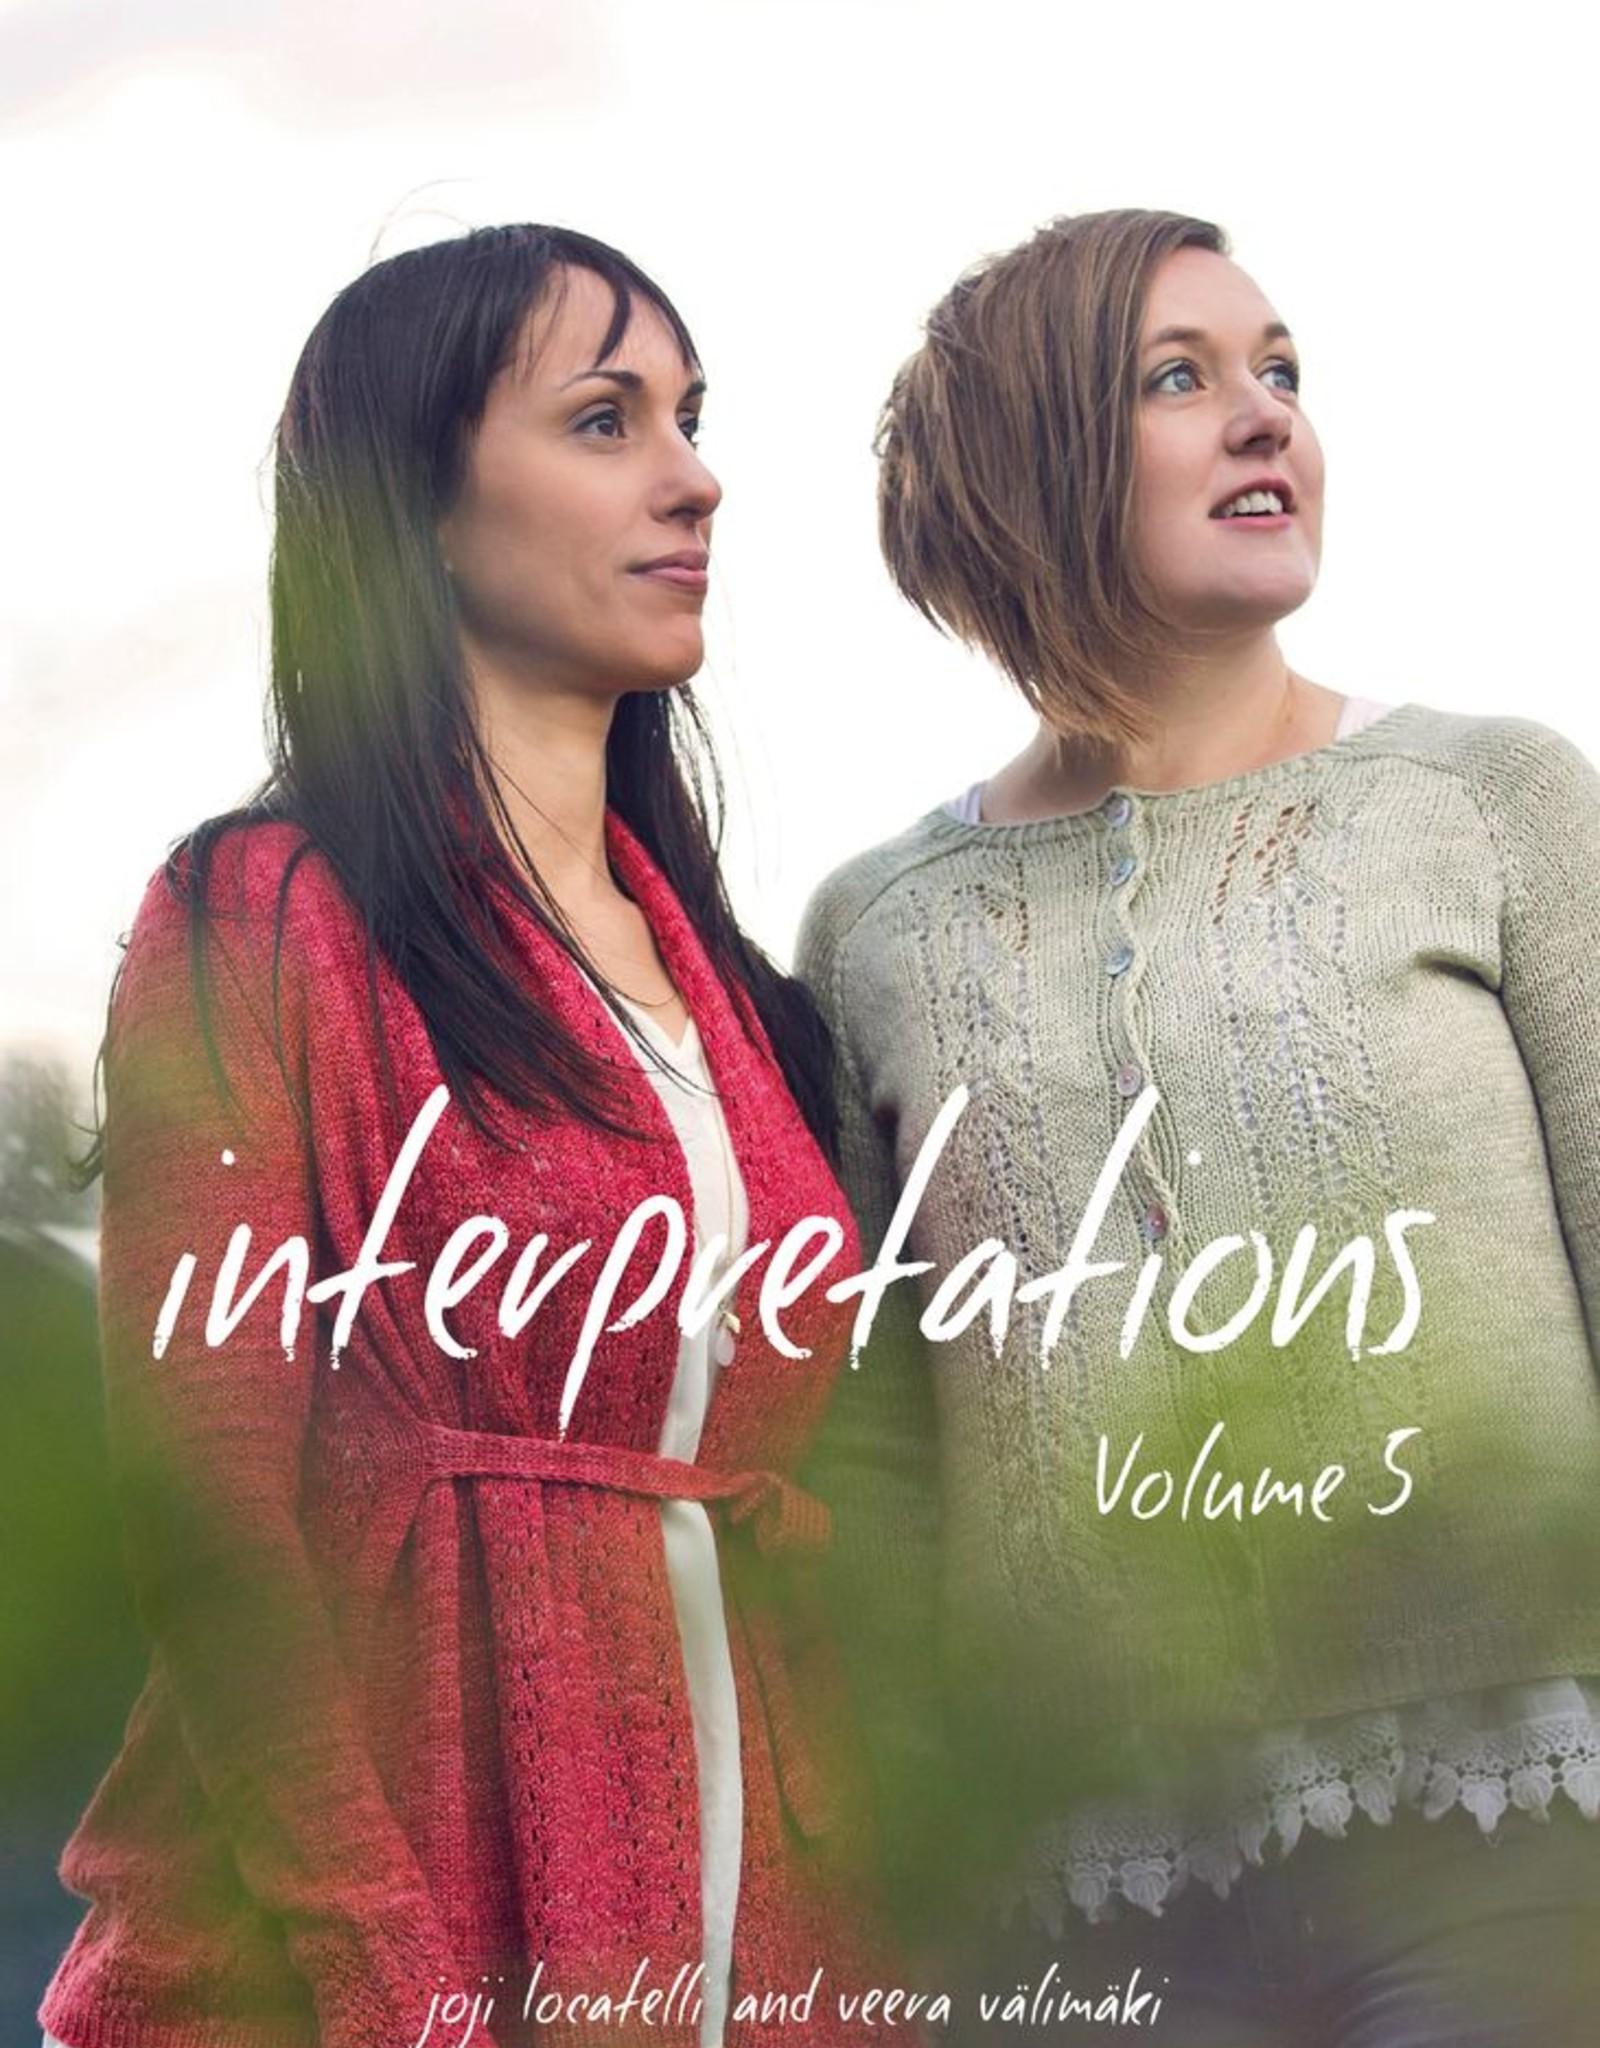 Pom Pom Interpretations vol. 5